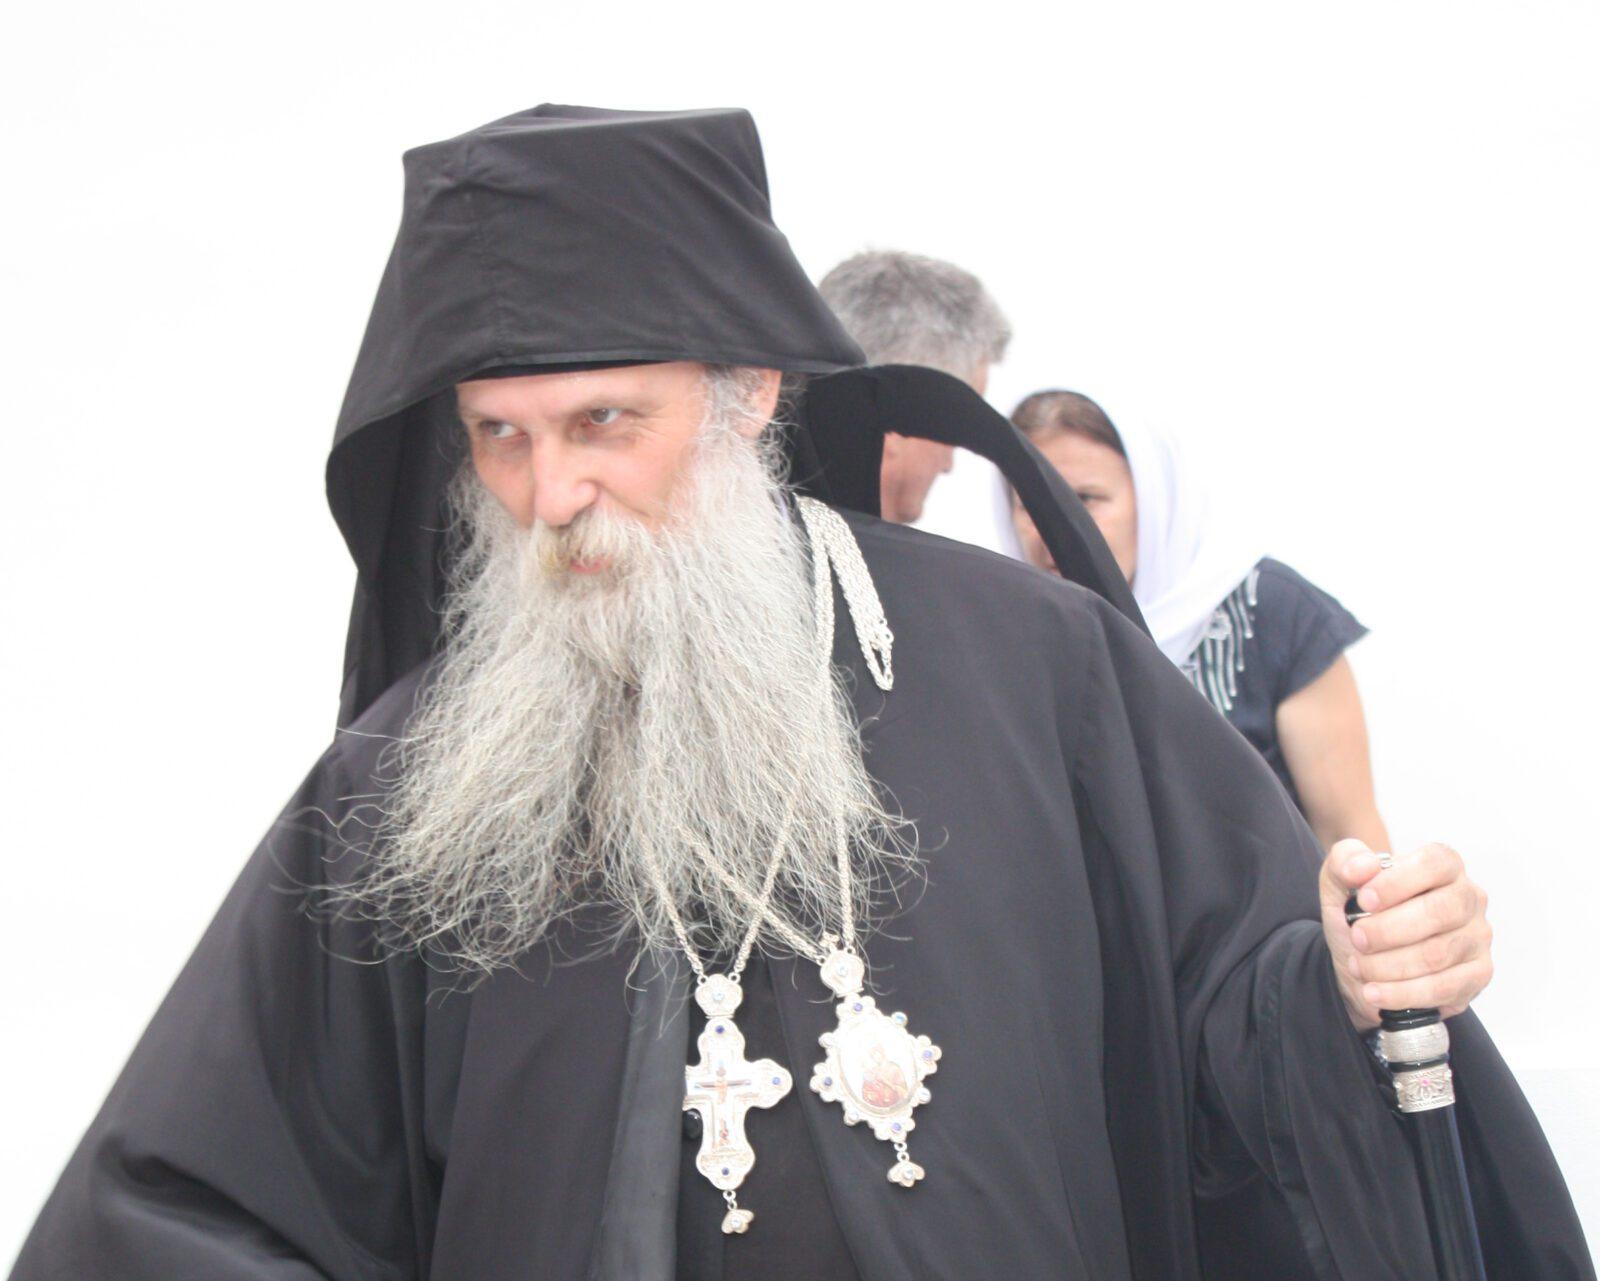 ВЛАДИКА ЈОВАН: Недовољно цијенимо Пакрац који је духовно православно чвориште на мјесту сретења Средње Европе и Балкана